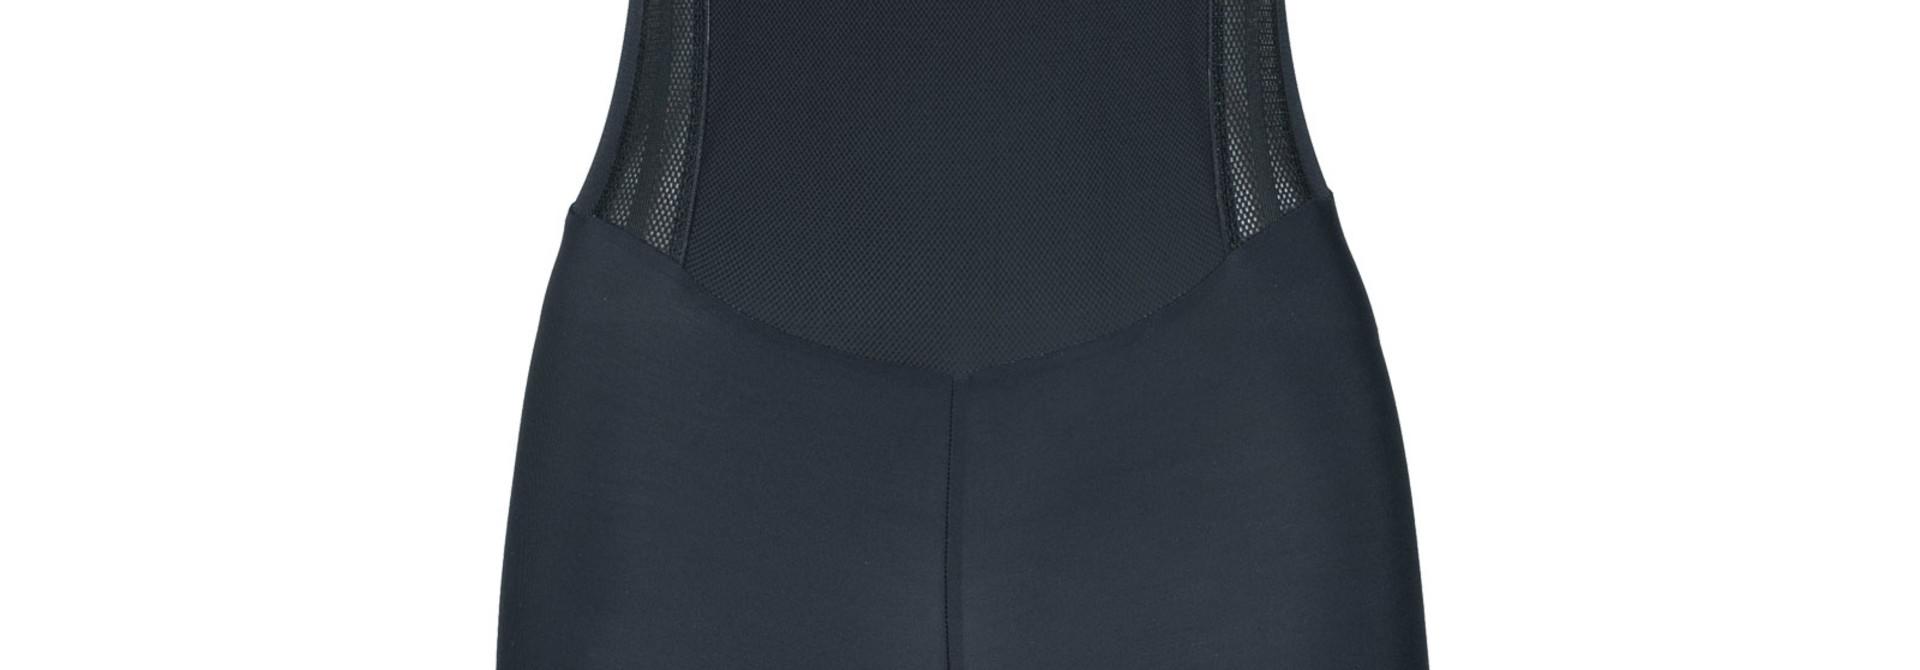 Women's Rouleur Bib Shorts | Black